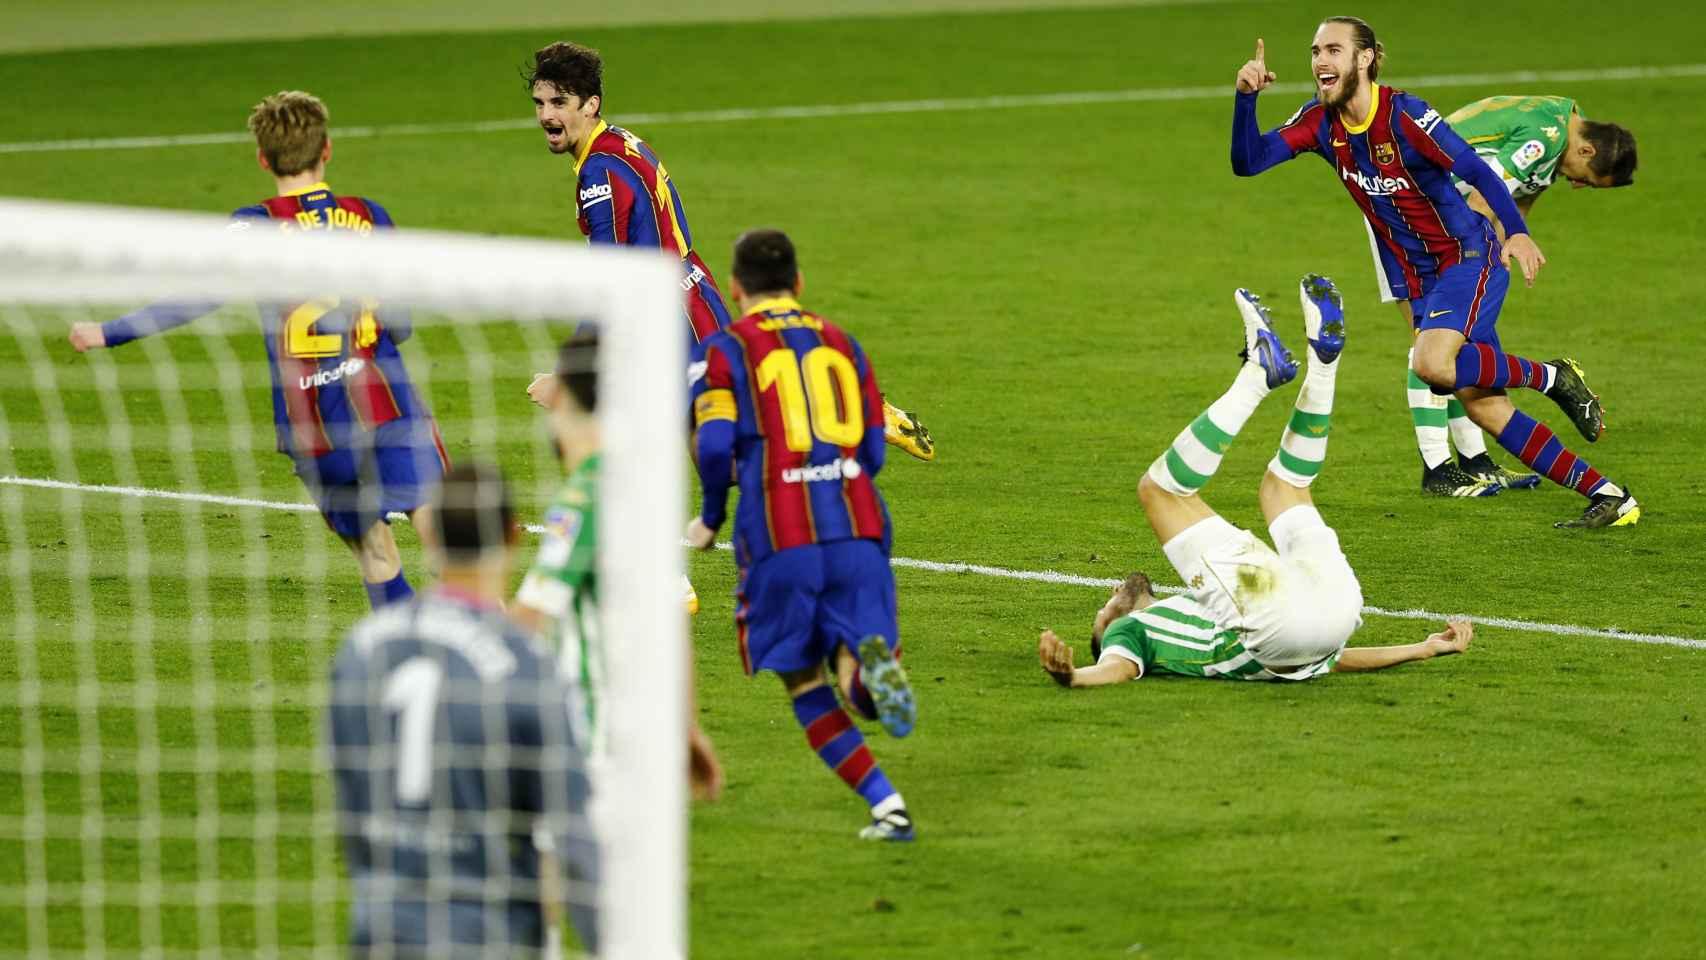 Los jugadores del FC Barcelona se vuelven completamente locos celebrando el gol de Trincao